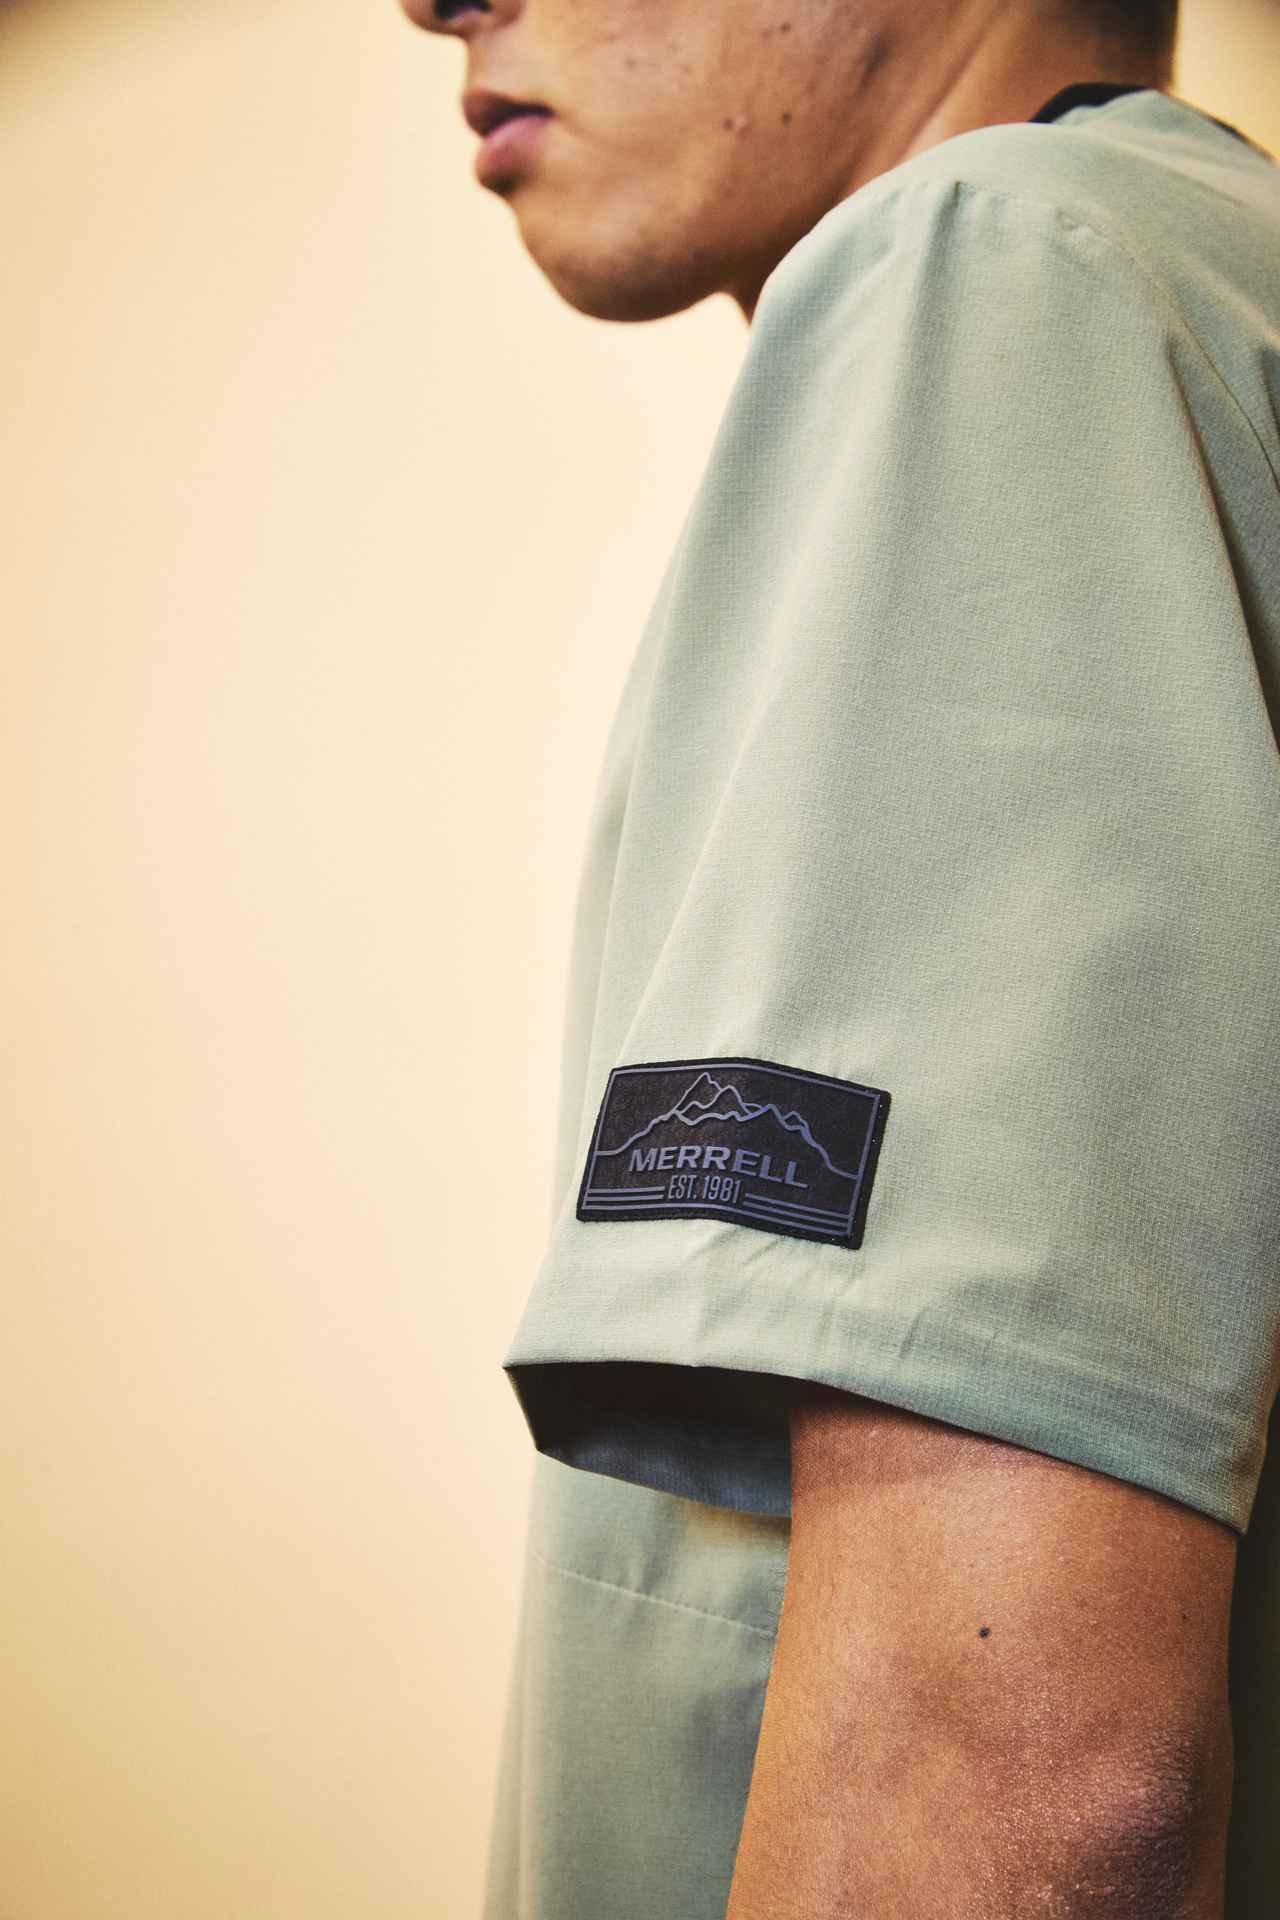 画像3: 【注目リリース】 MERRELL(メレル)が4WAYストレッチシャツを新発売!アウトドアアクティビティから日常生活まで!